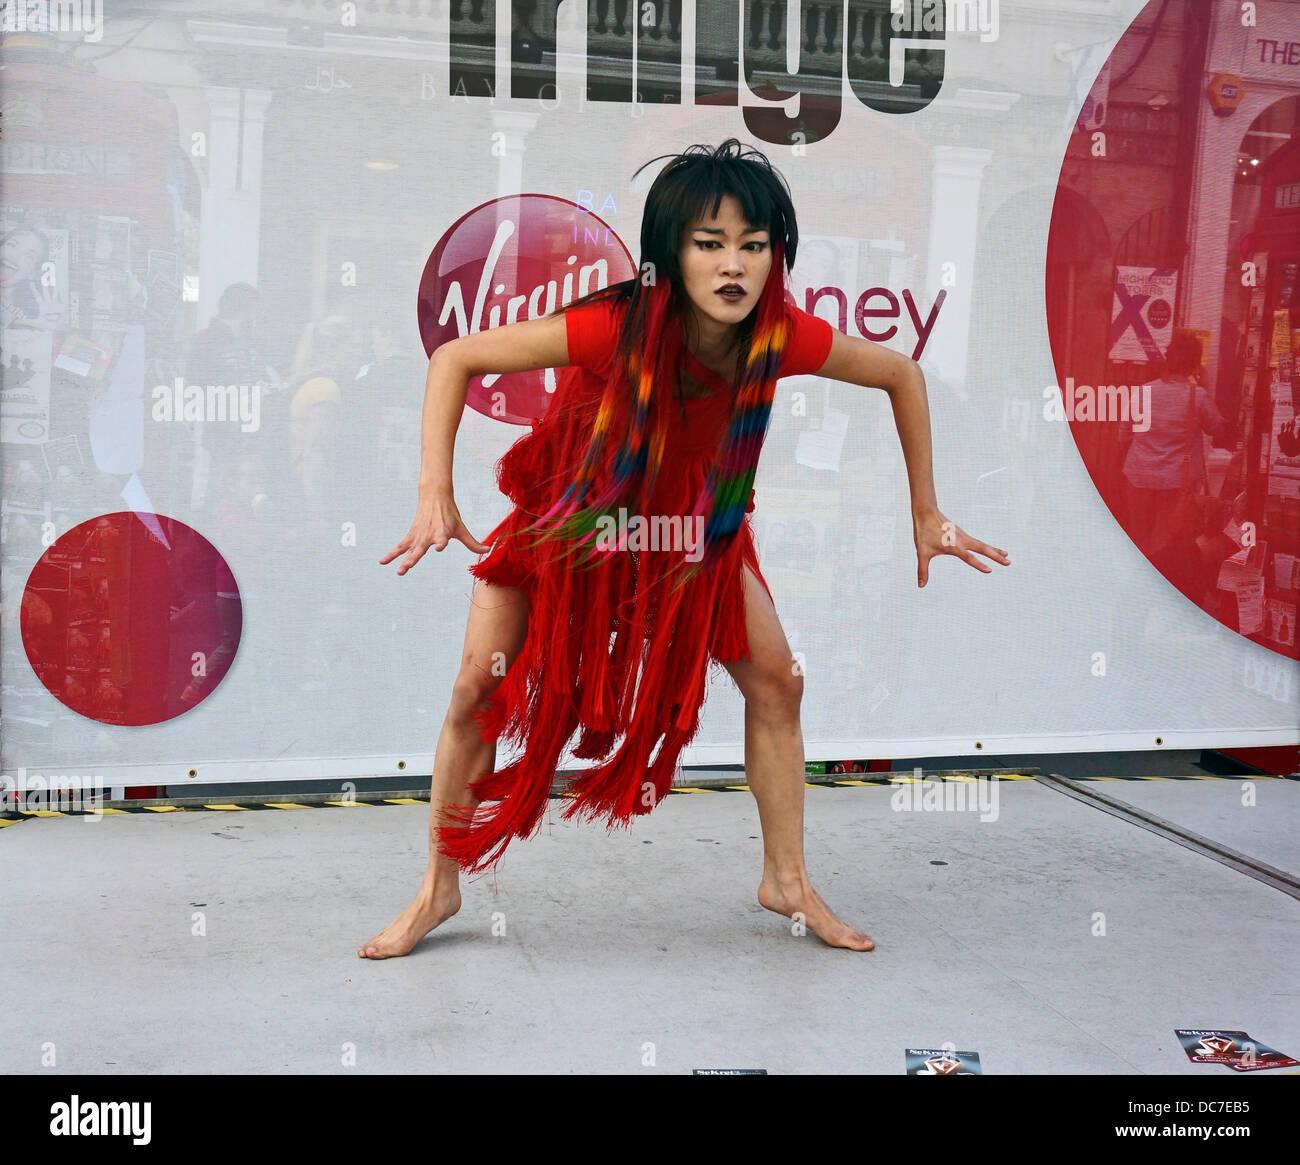 Fringe performer promoting SeKret dance show in The Royal Mile Edinburgh during the 2013 Edinburgh Festival Fringe - Stock Image